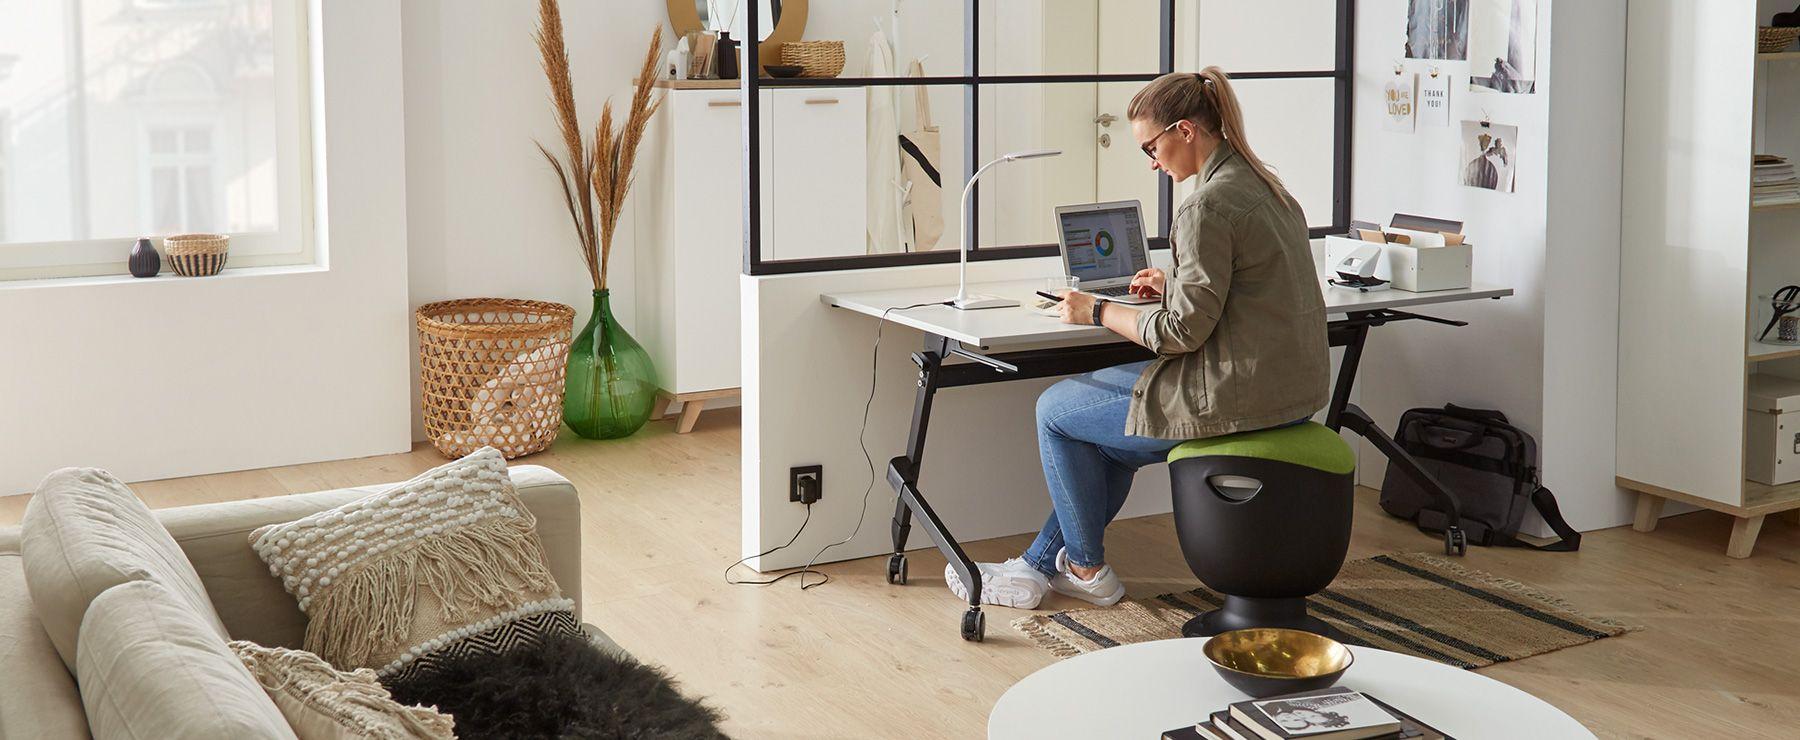 Frau arbeitet an einem klappbaren Schreibtisch im Wohnzimmer